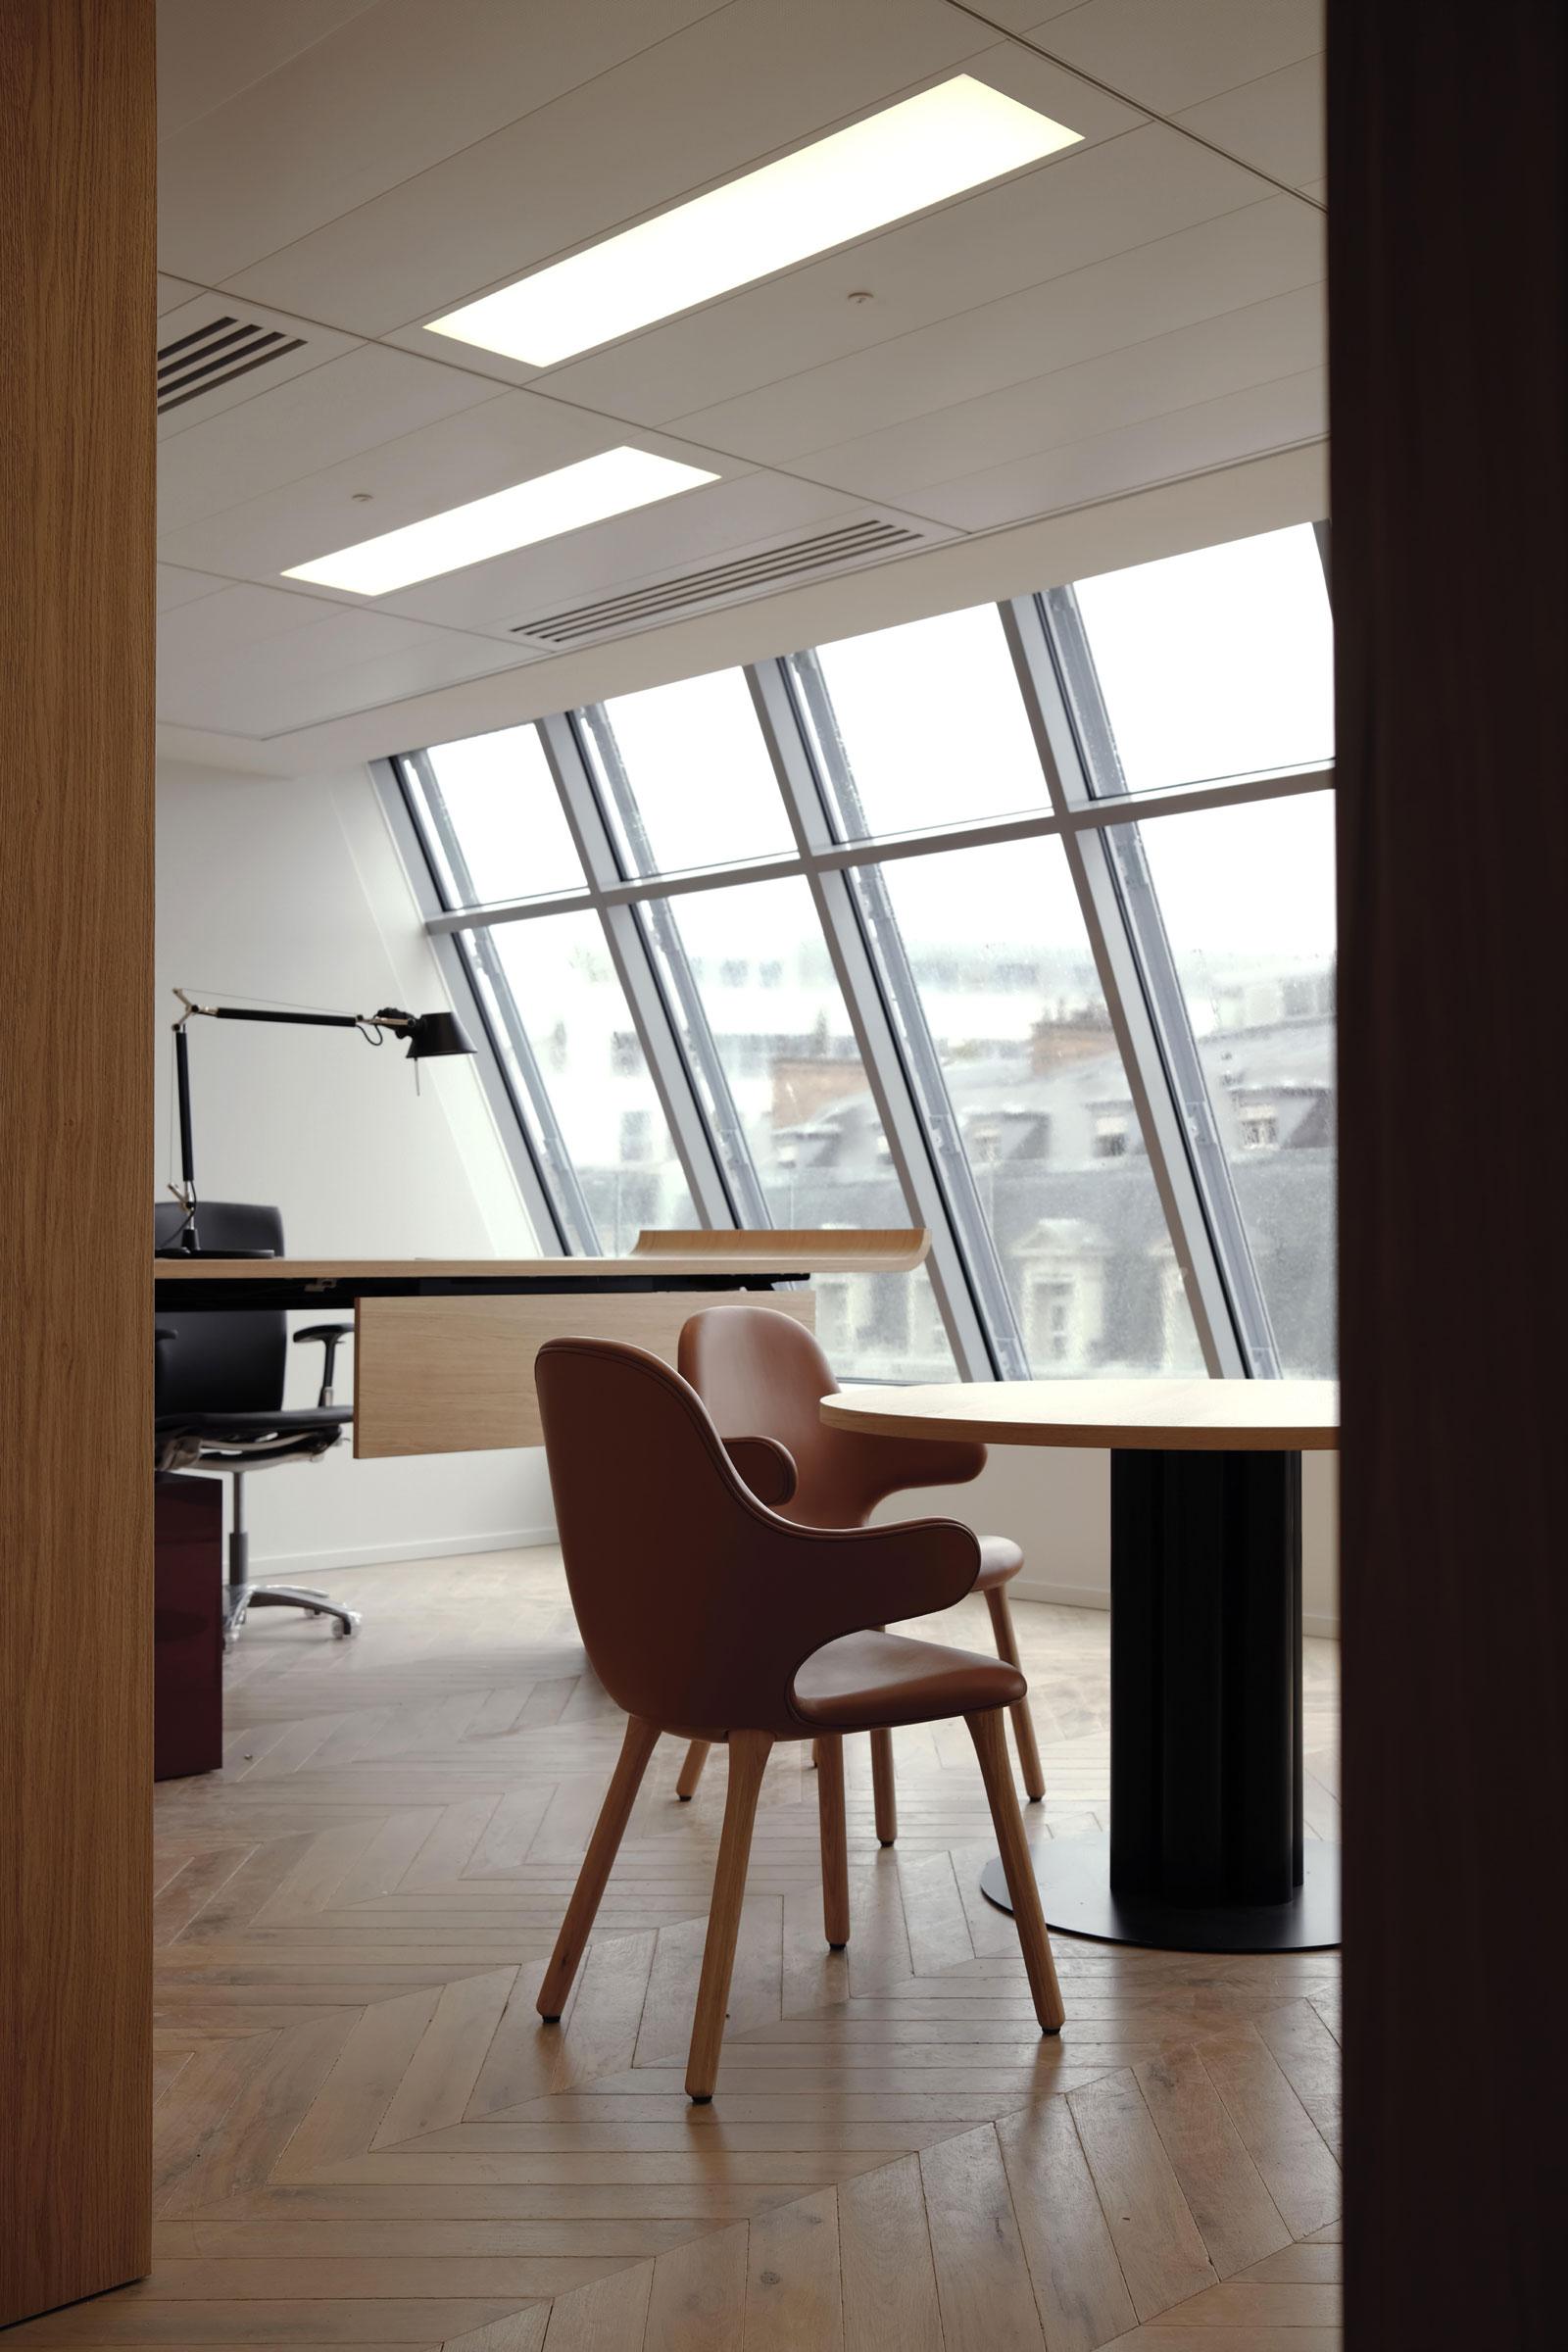 Hauvette Madani Matignon Office Accueil Photo Lucas Madani Yellowtrace 14